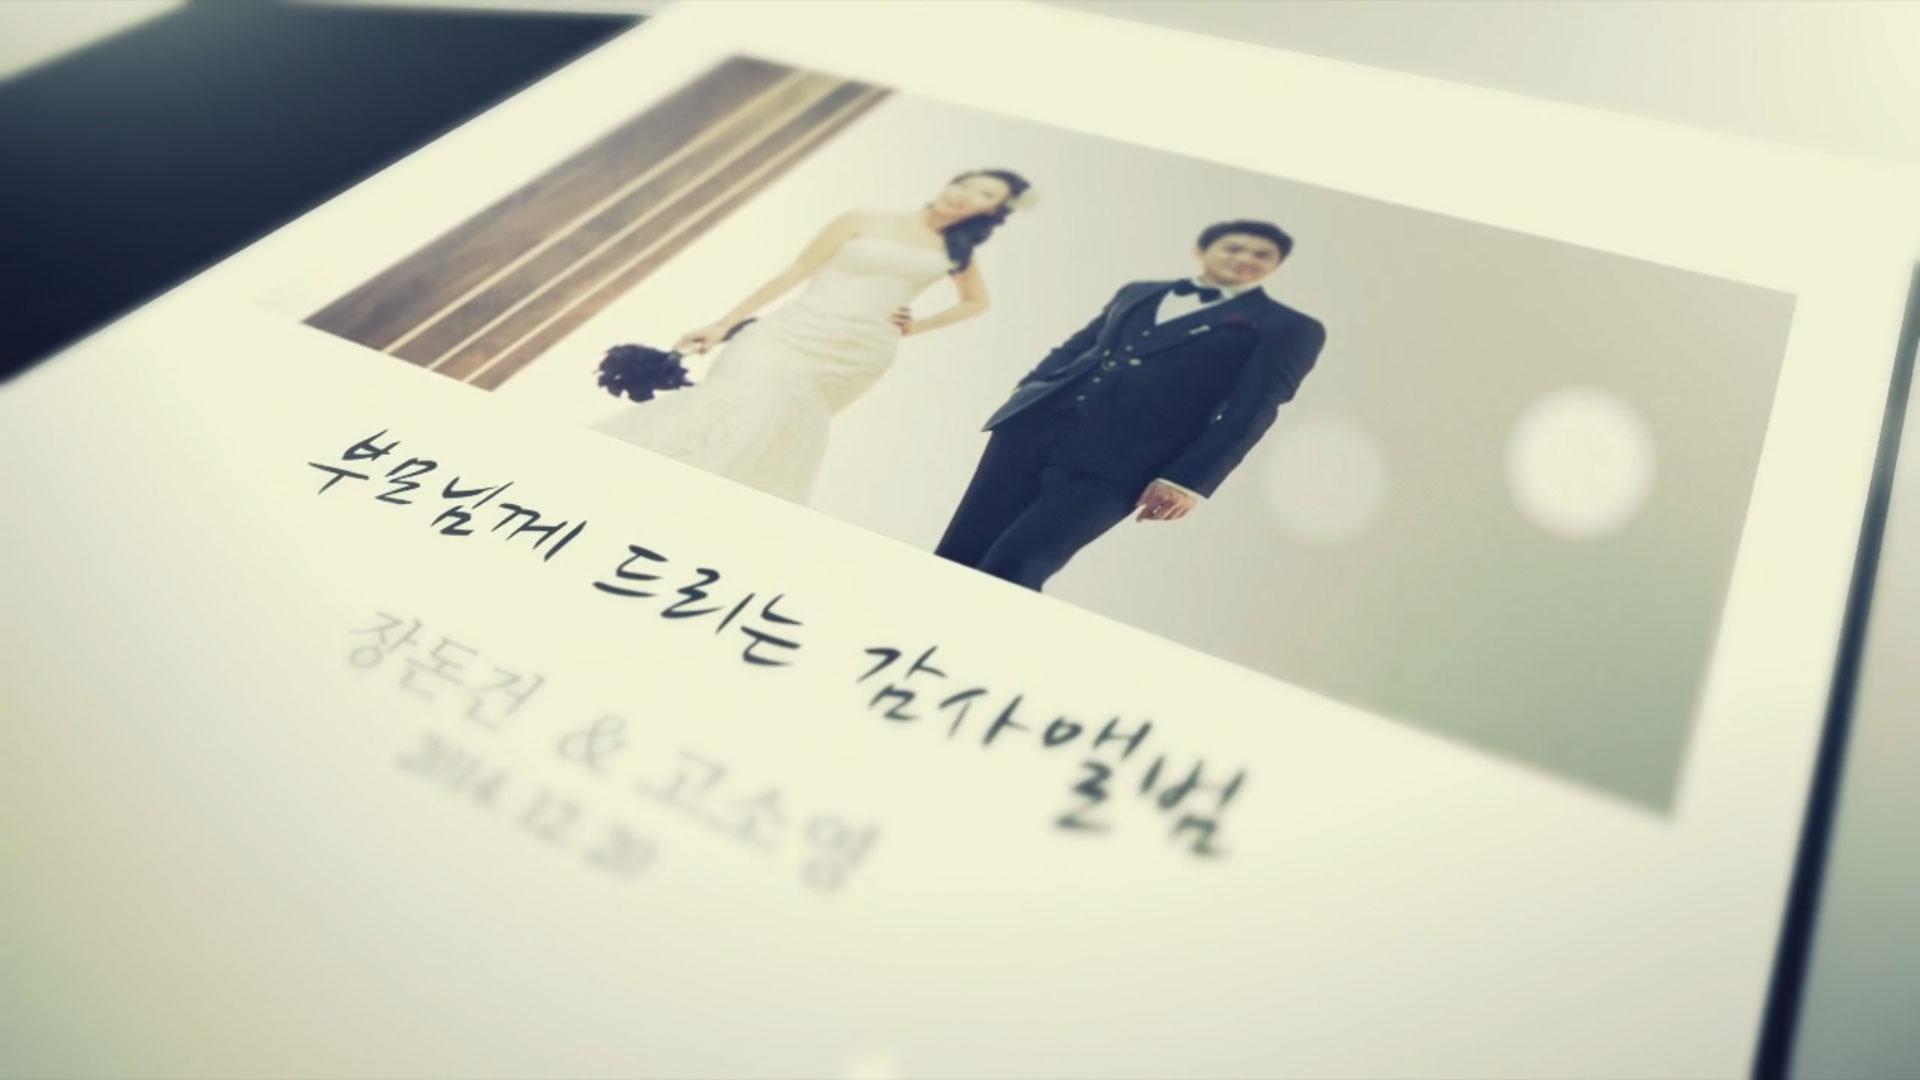 감사영상(성장+ 데이트 +리허설사진)